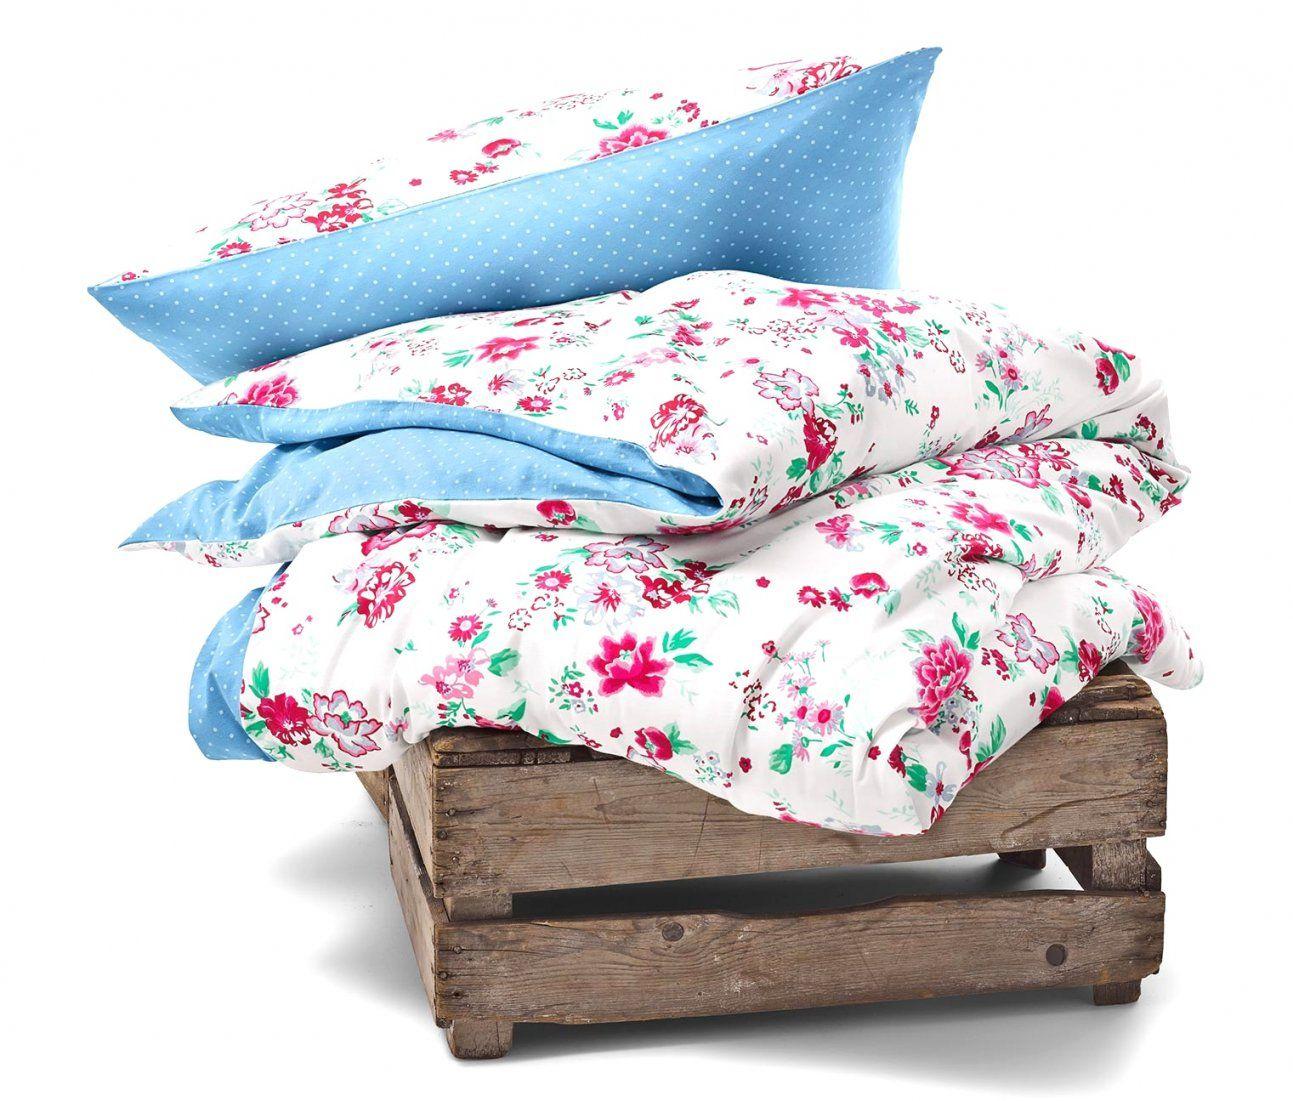 Schöne Ideen Jersey Bettwäsche Tchibo Und Wunderbare Wende von Jersey Bettwäsche Tchibo Photo